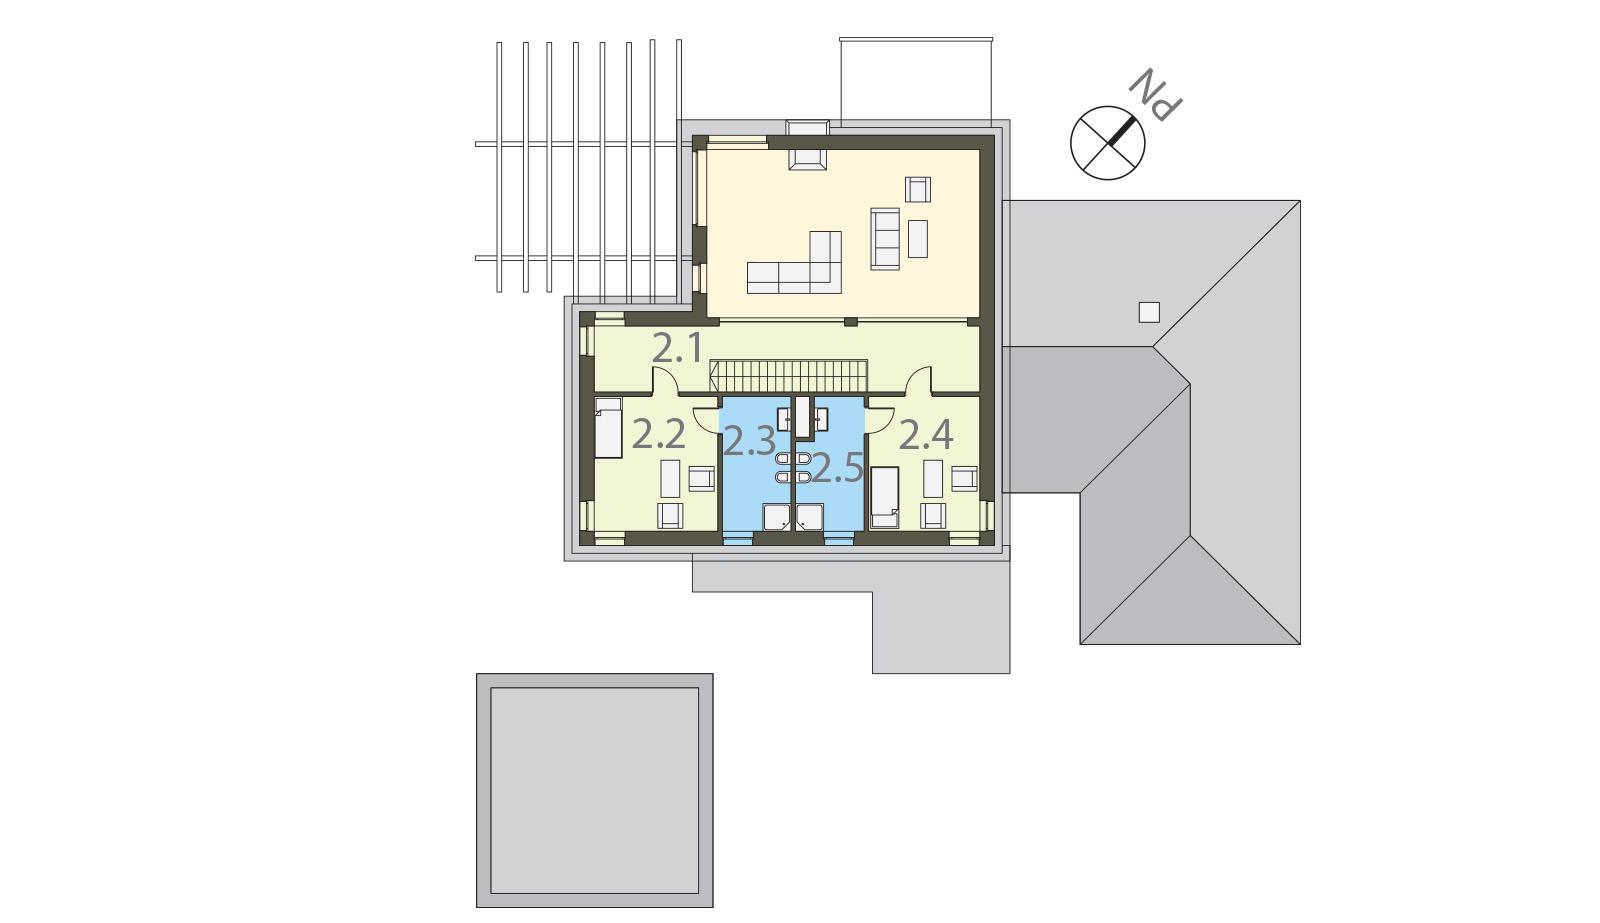 Projekt domu ZDROJOWY Domy Czystej Energii rzut piętra